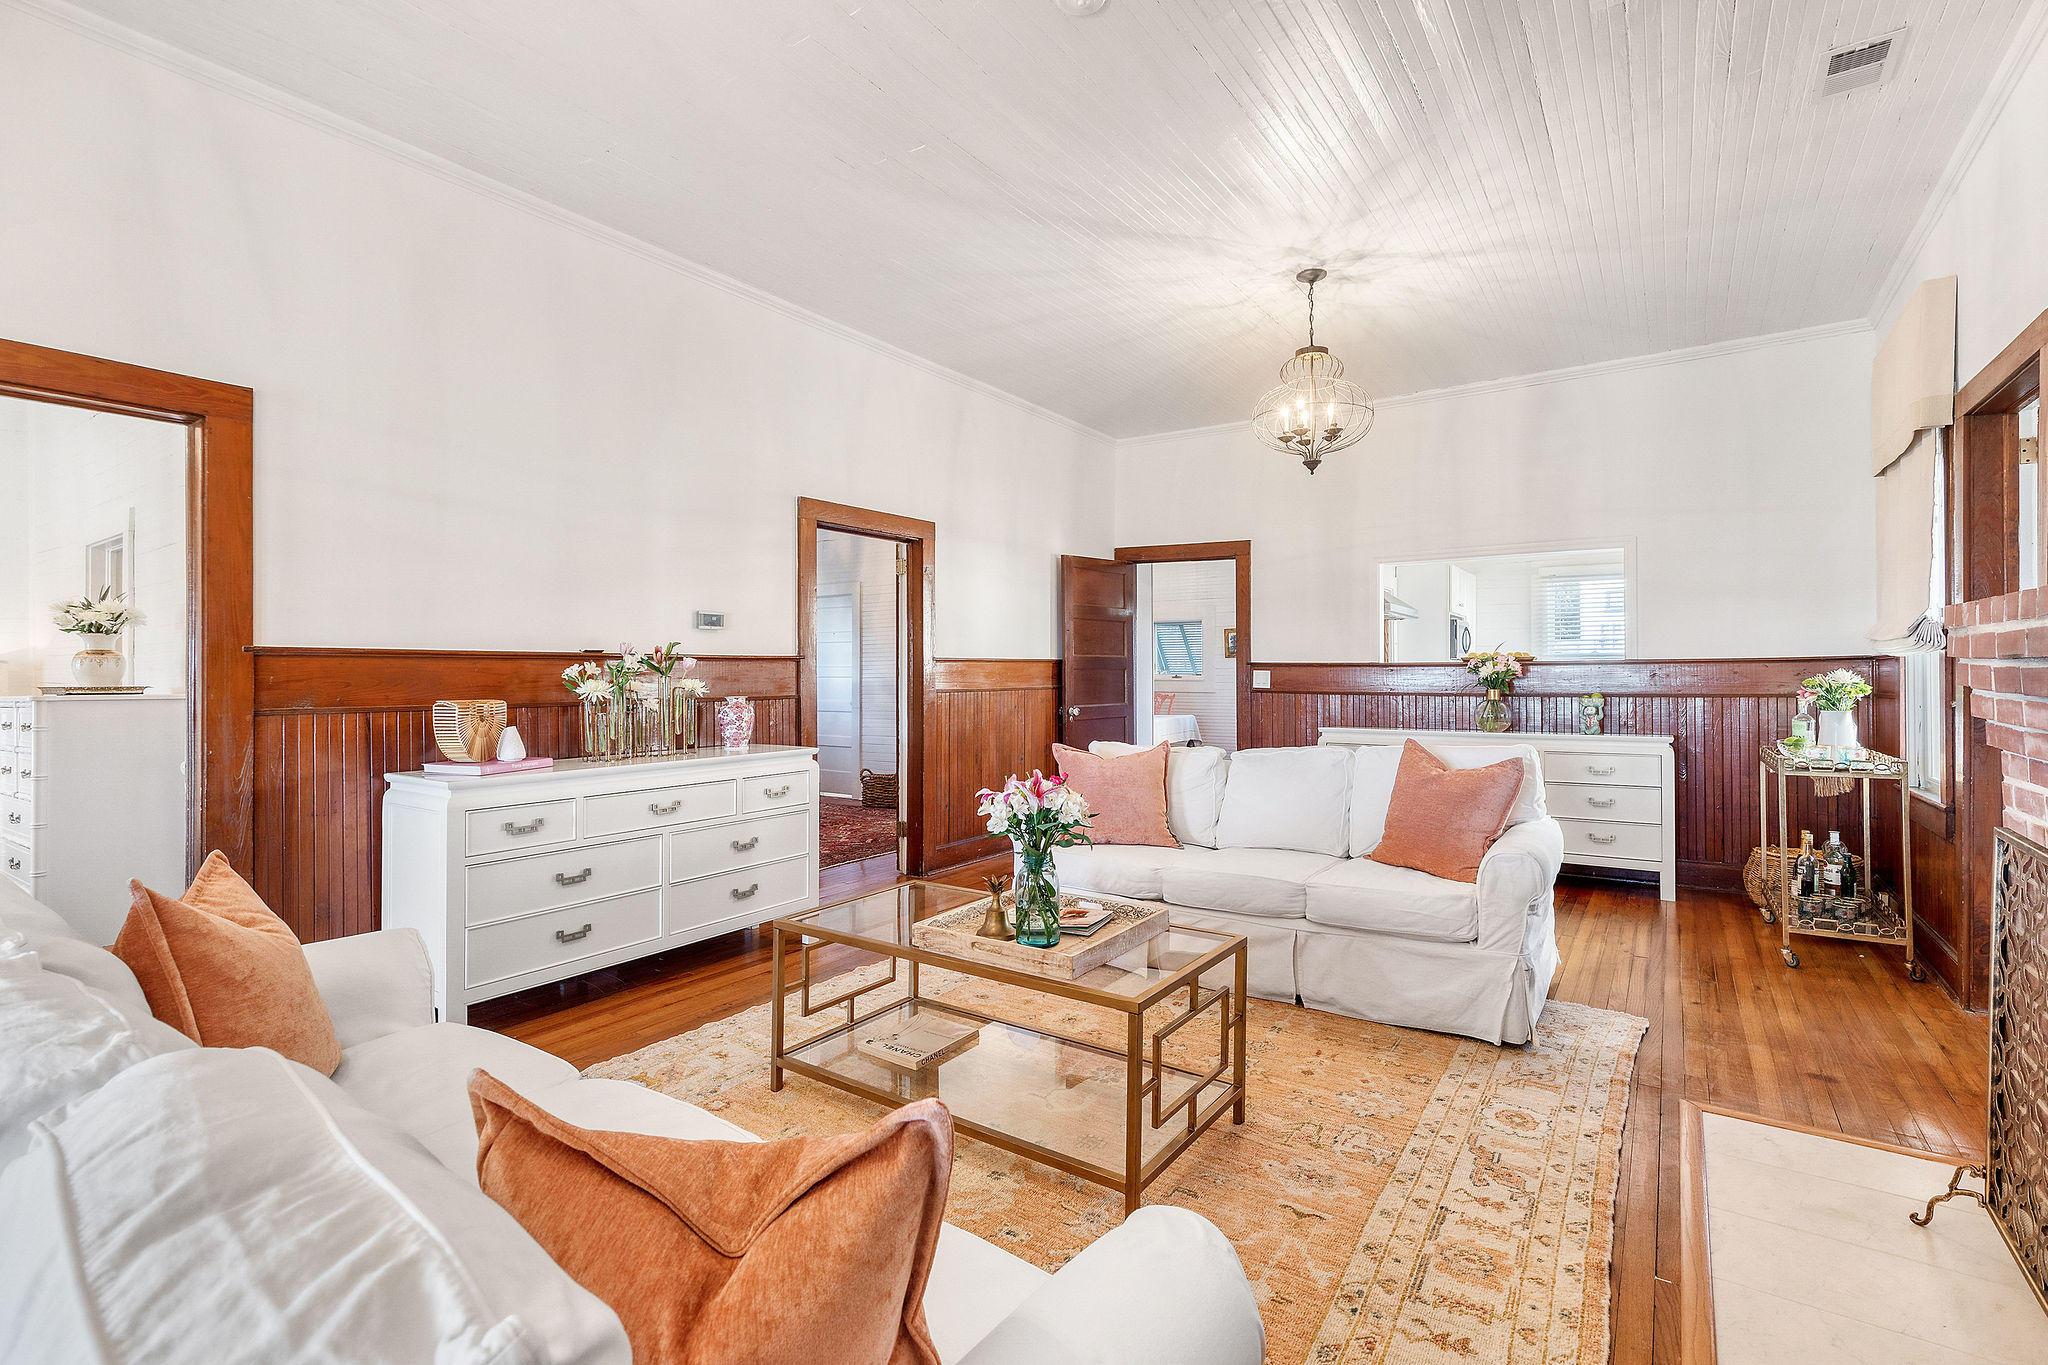 Folly Beach Homes For Sale - 509 Ashley, Folly Beach, SC - 2